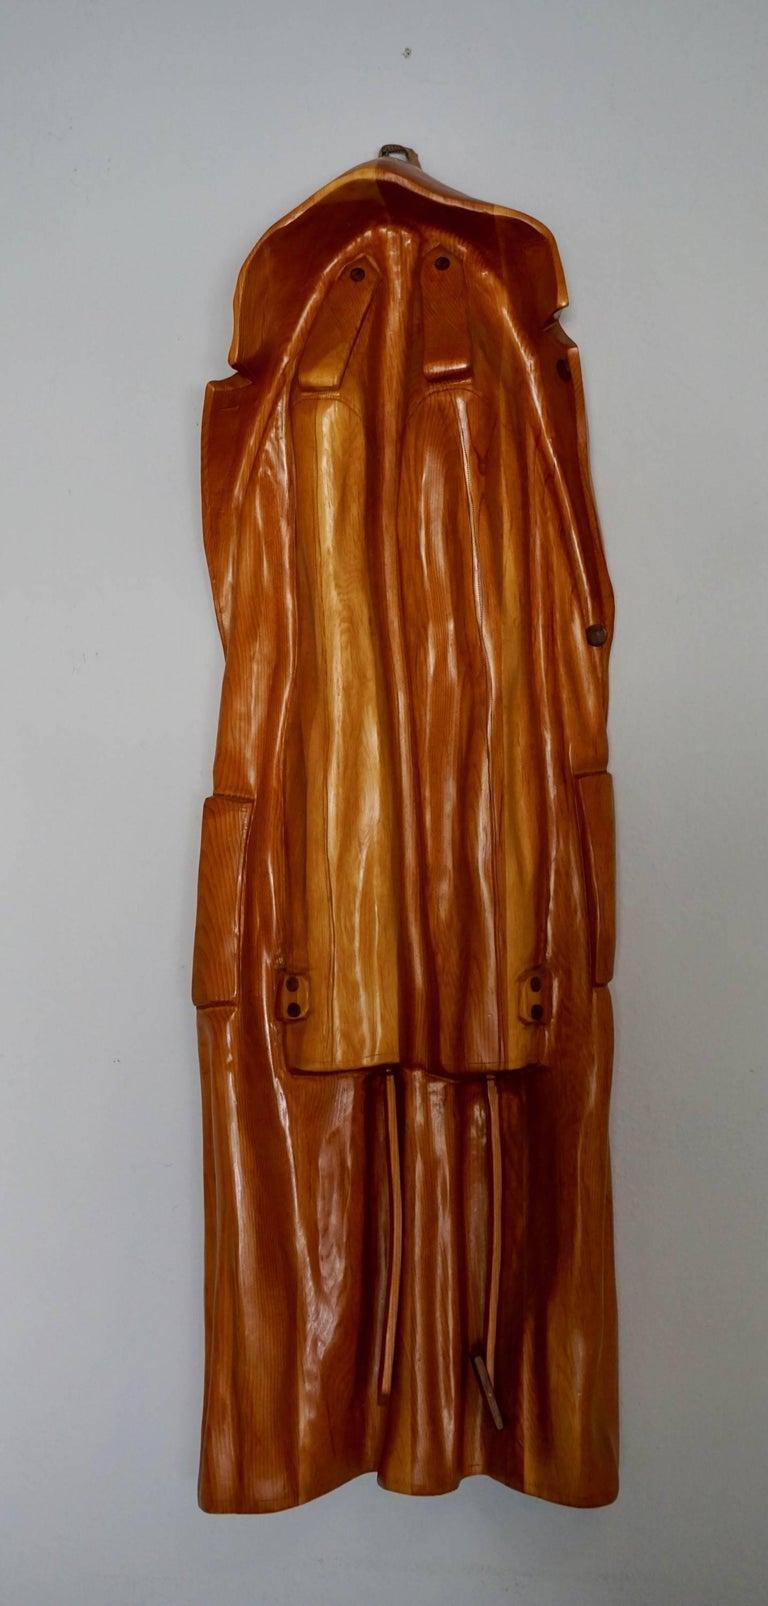 Pop Art Raincoat Sculpture by Rene Megroz 9